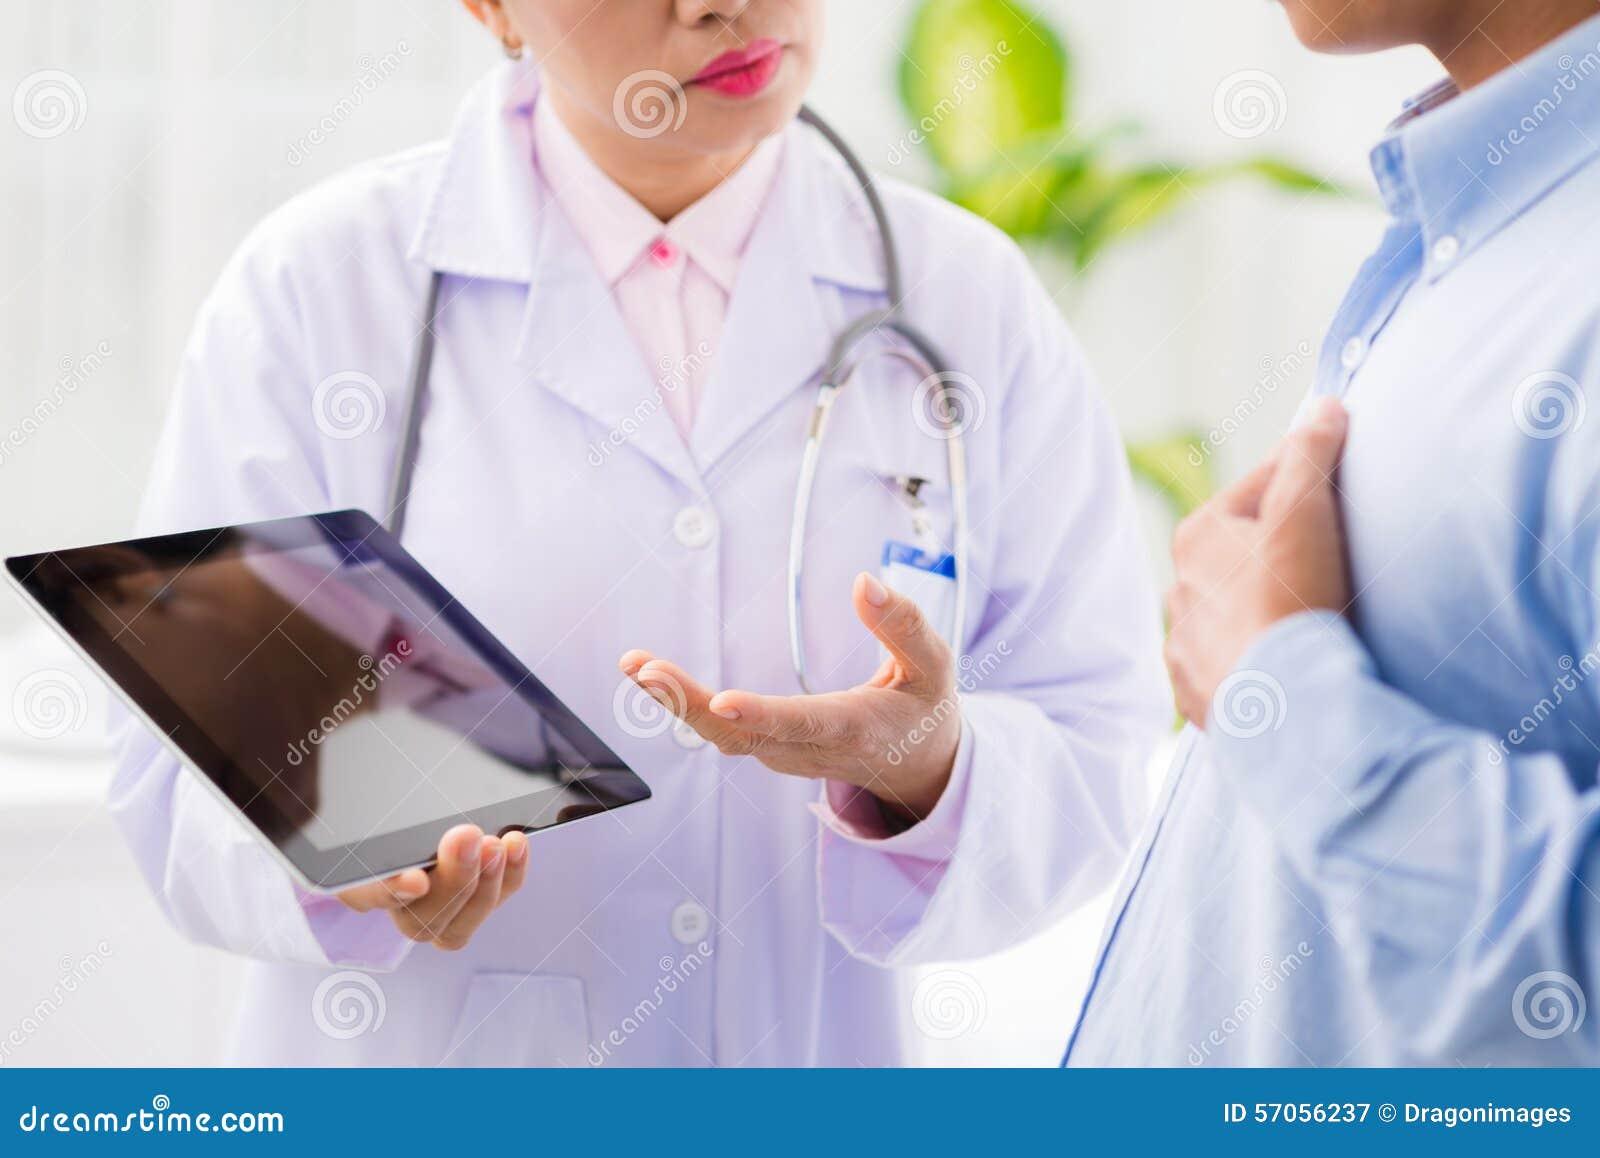 Het bespreken van medische dossiers